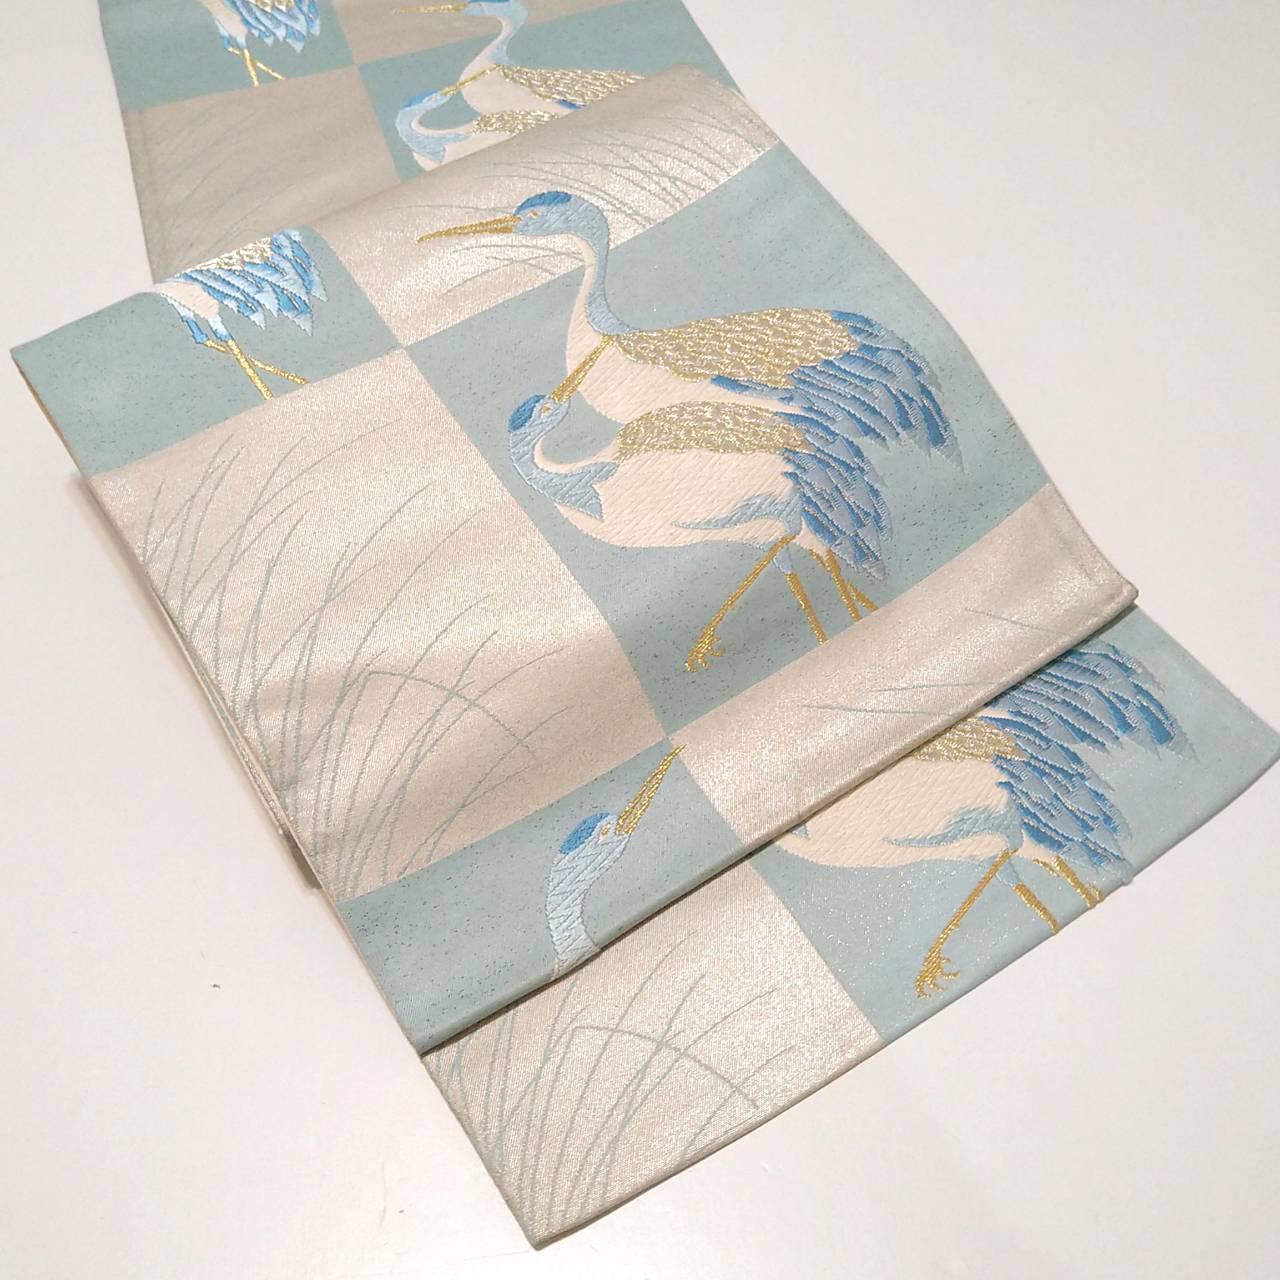 ★ 袋帯 幸せの青い鶴 正絹 銀彩 ★ c035